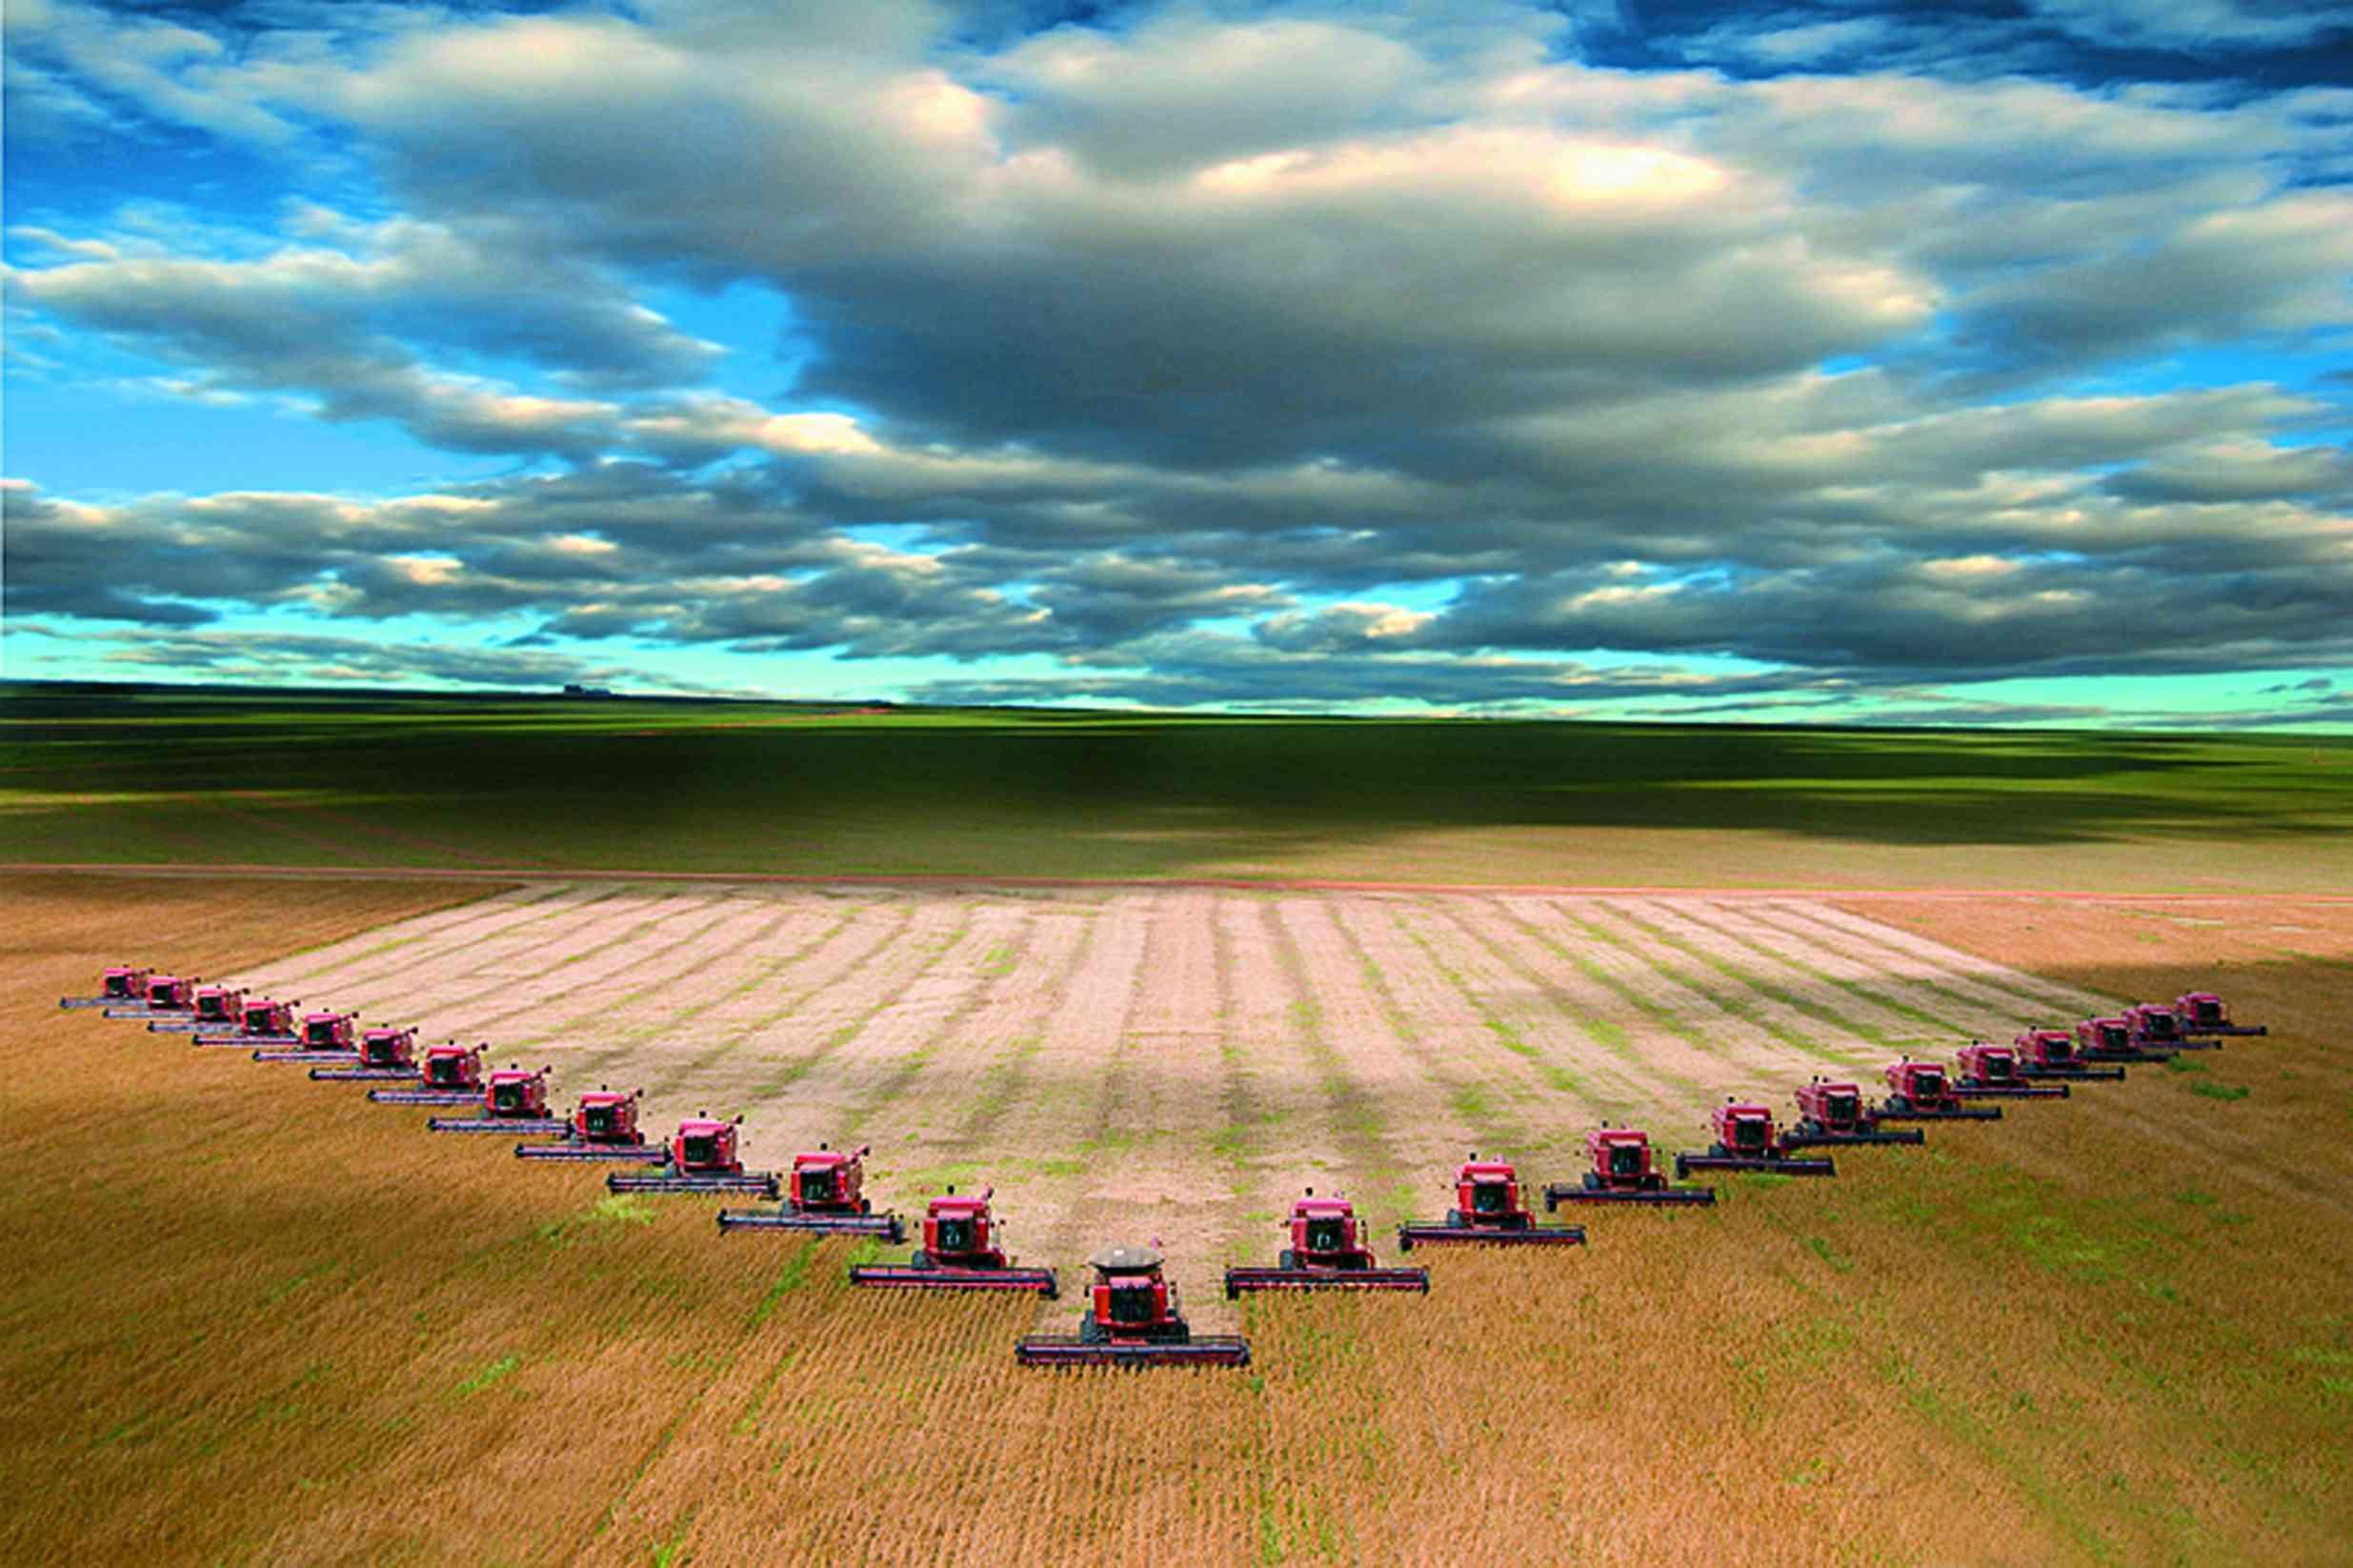 A inovação tecnológica no agronegócio - Diário do Comércio